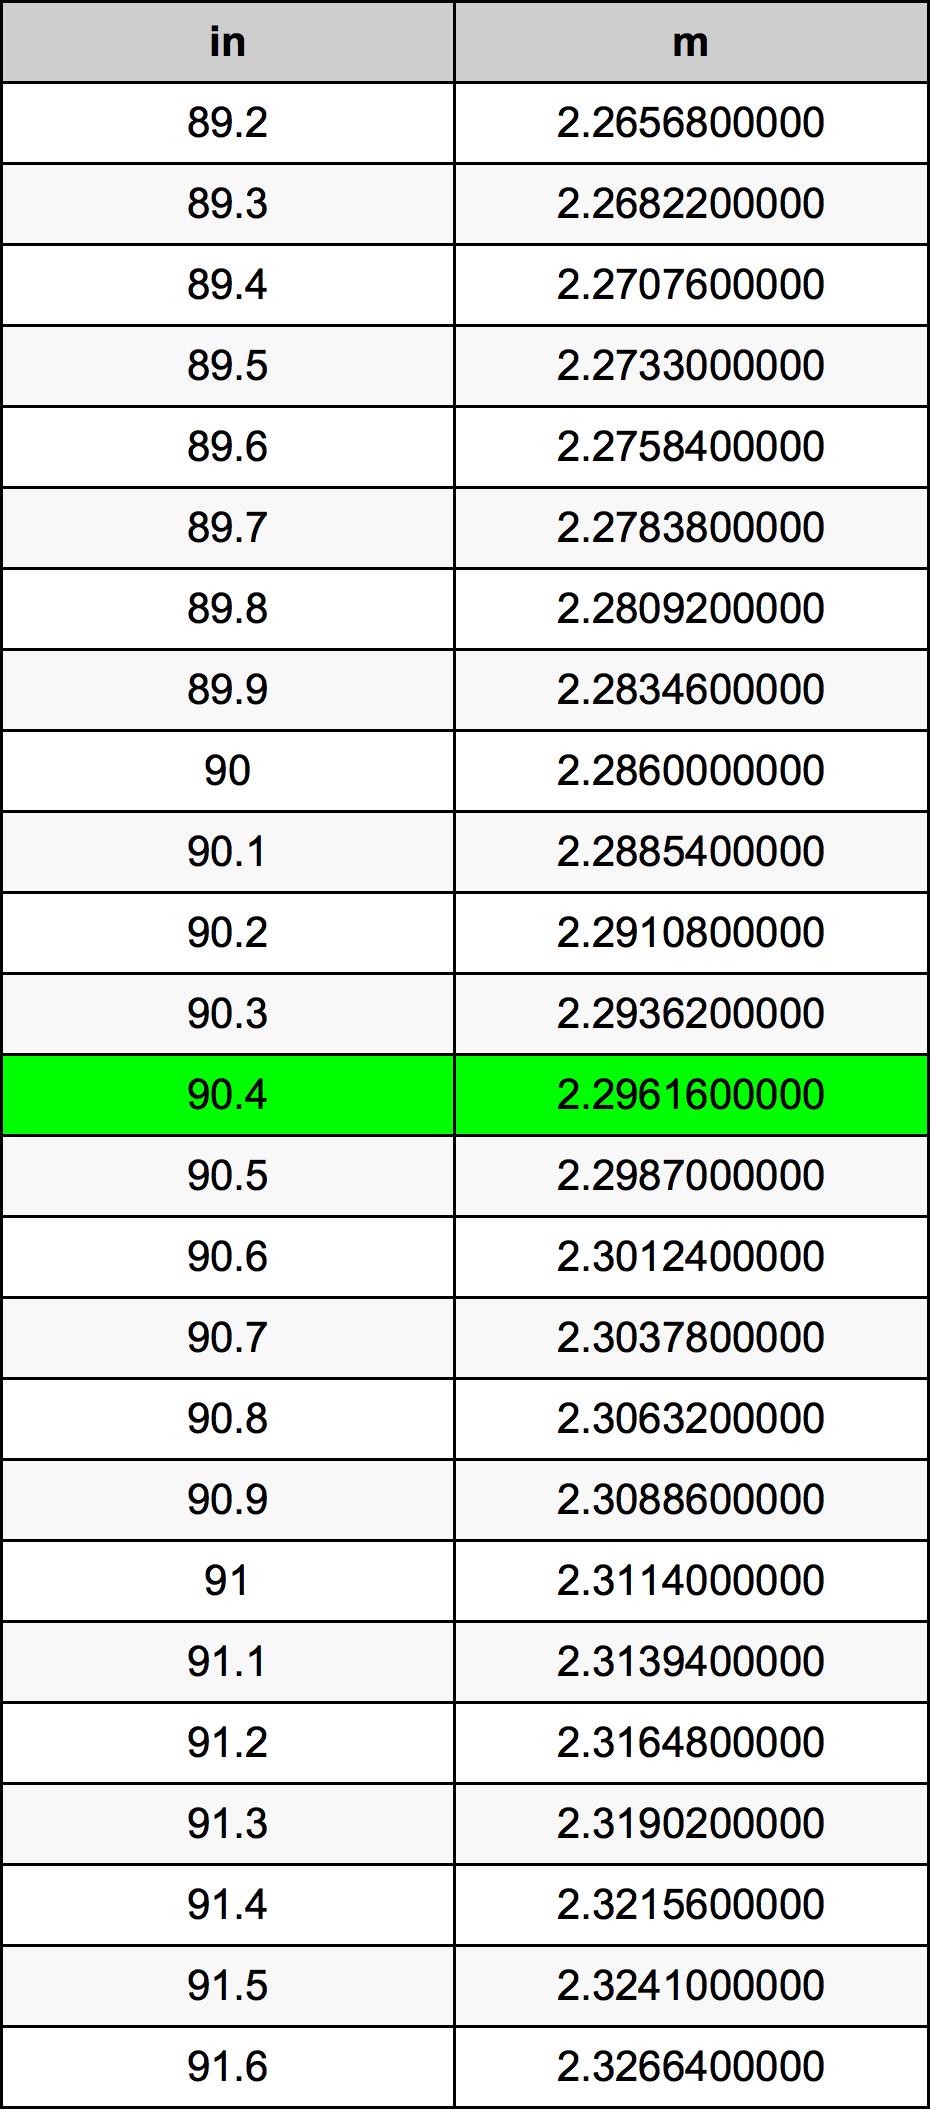 90.4 Țol tabelul de conversie